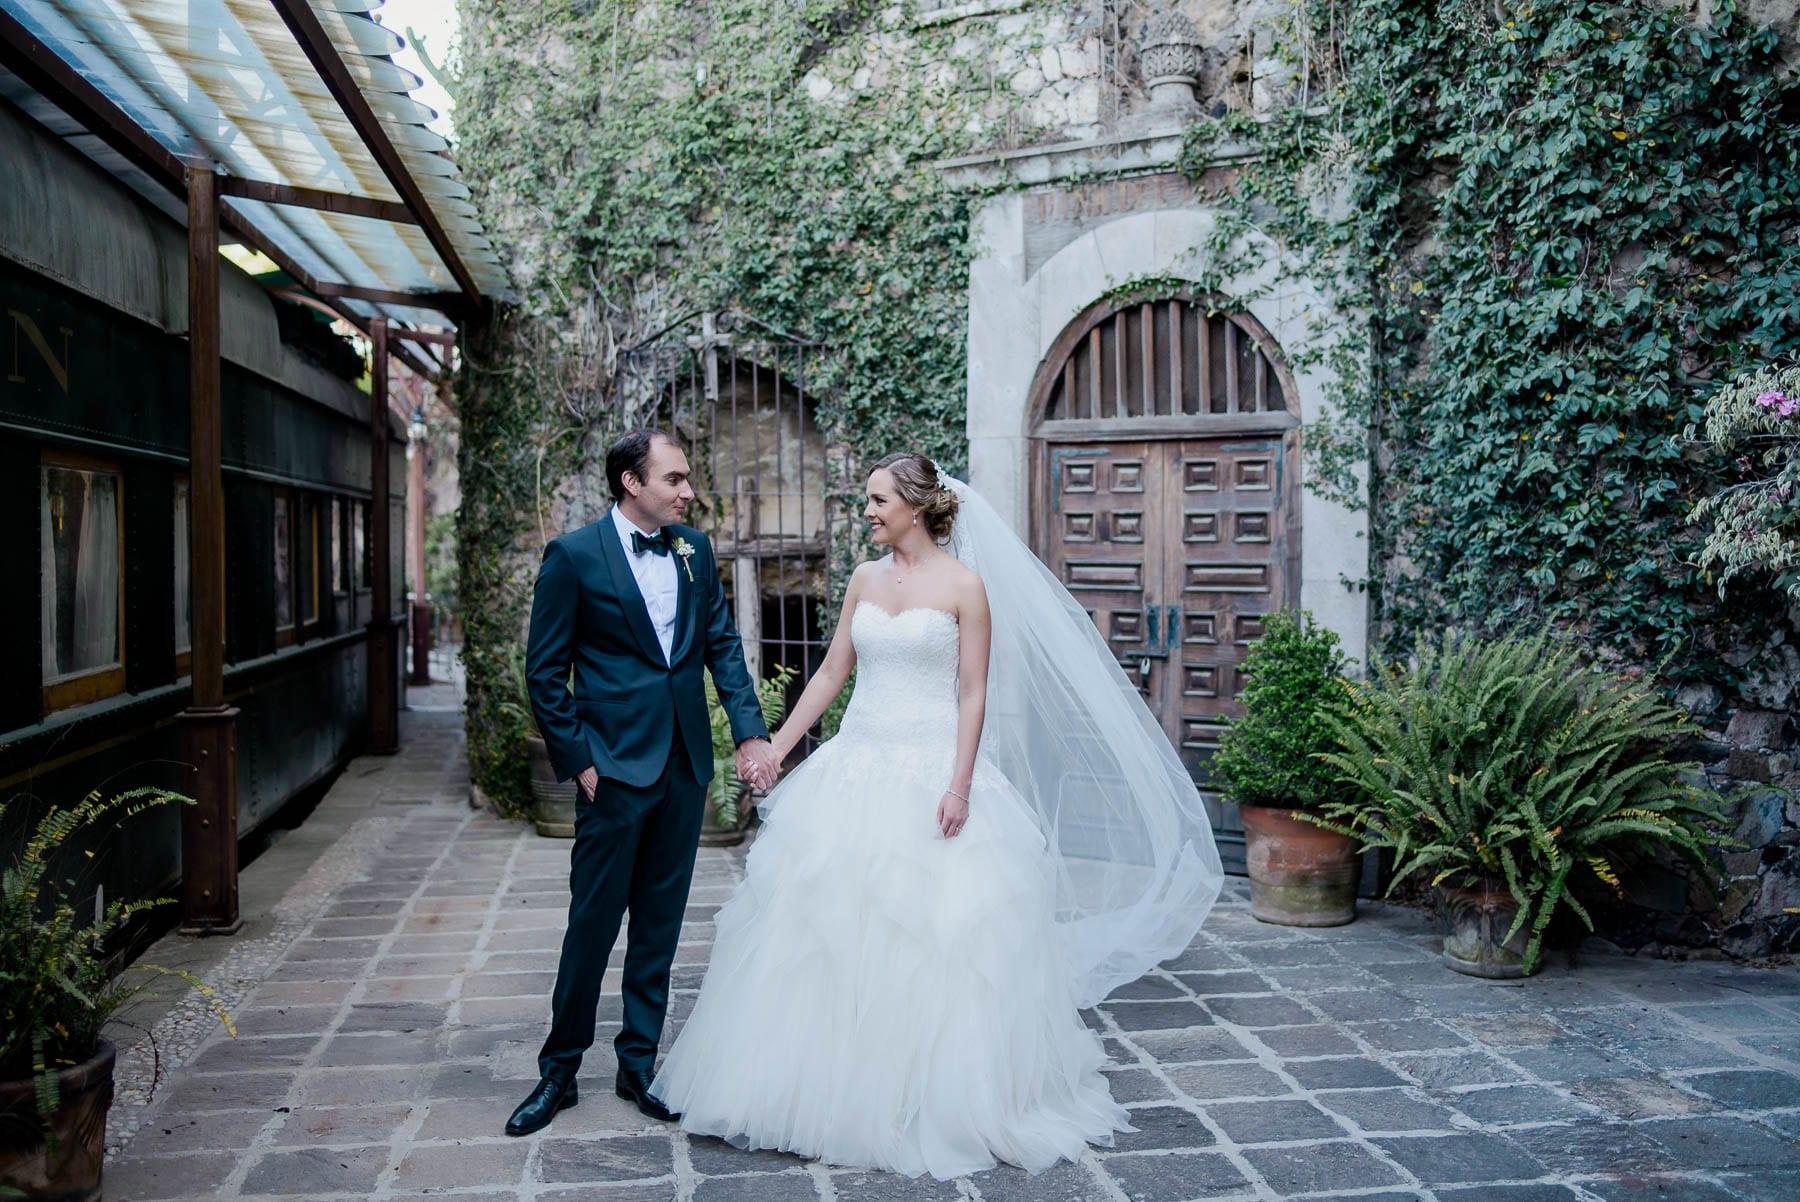 fotografo-de-bodas-en-queretaro-25